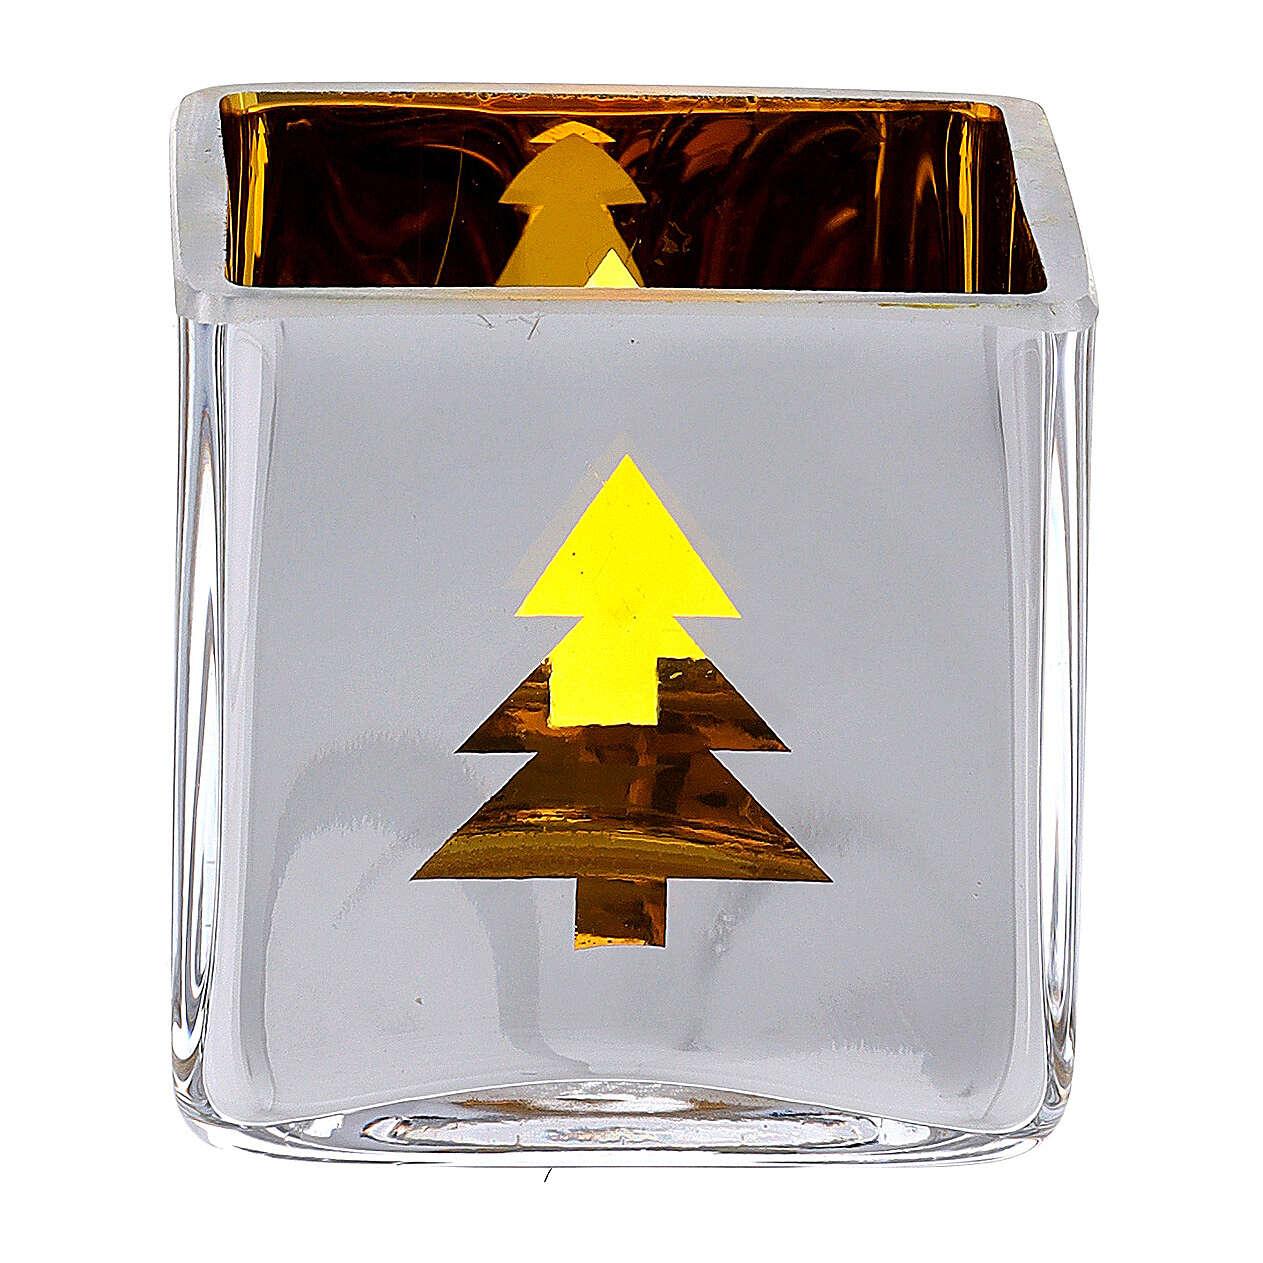 Portatealight di Natale quadro con decoro giallo (assortiti) 3